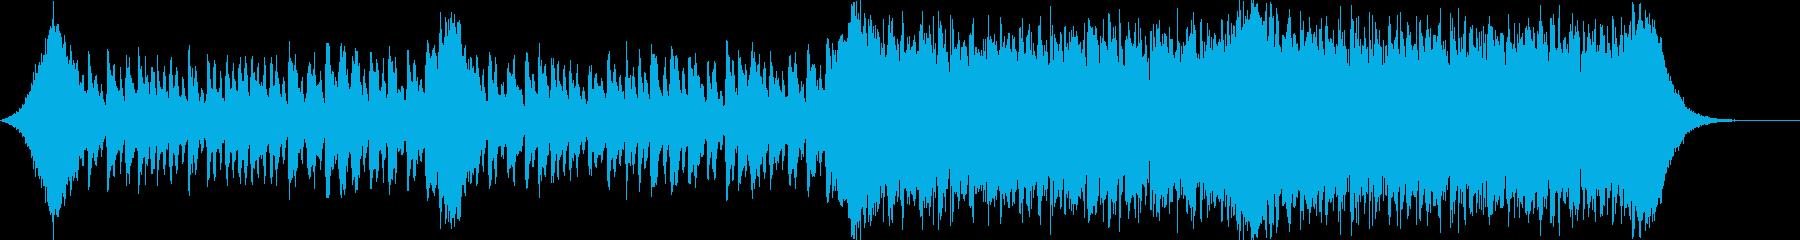 企業VPや映像49、壮大、オーケストラbの再生済みの波形